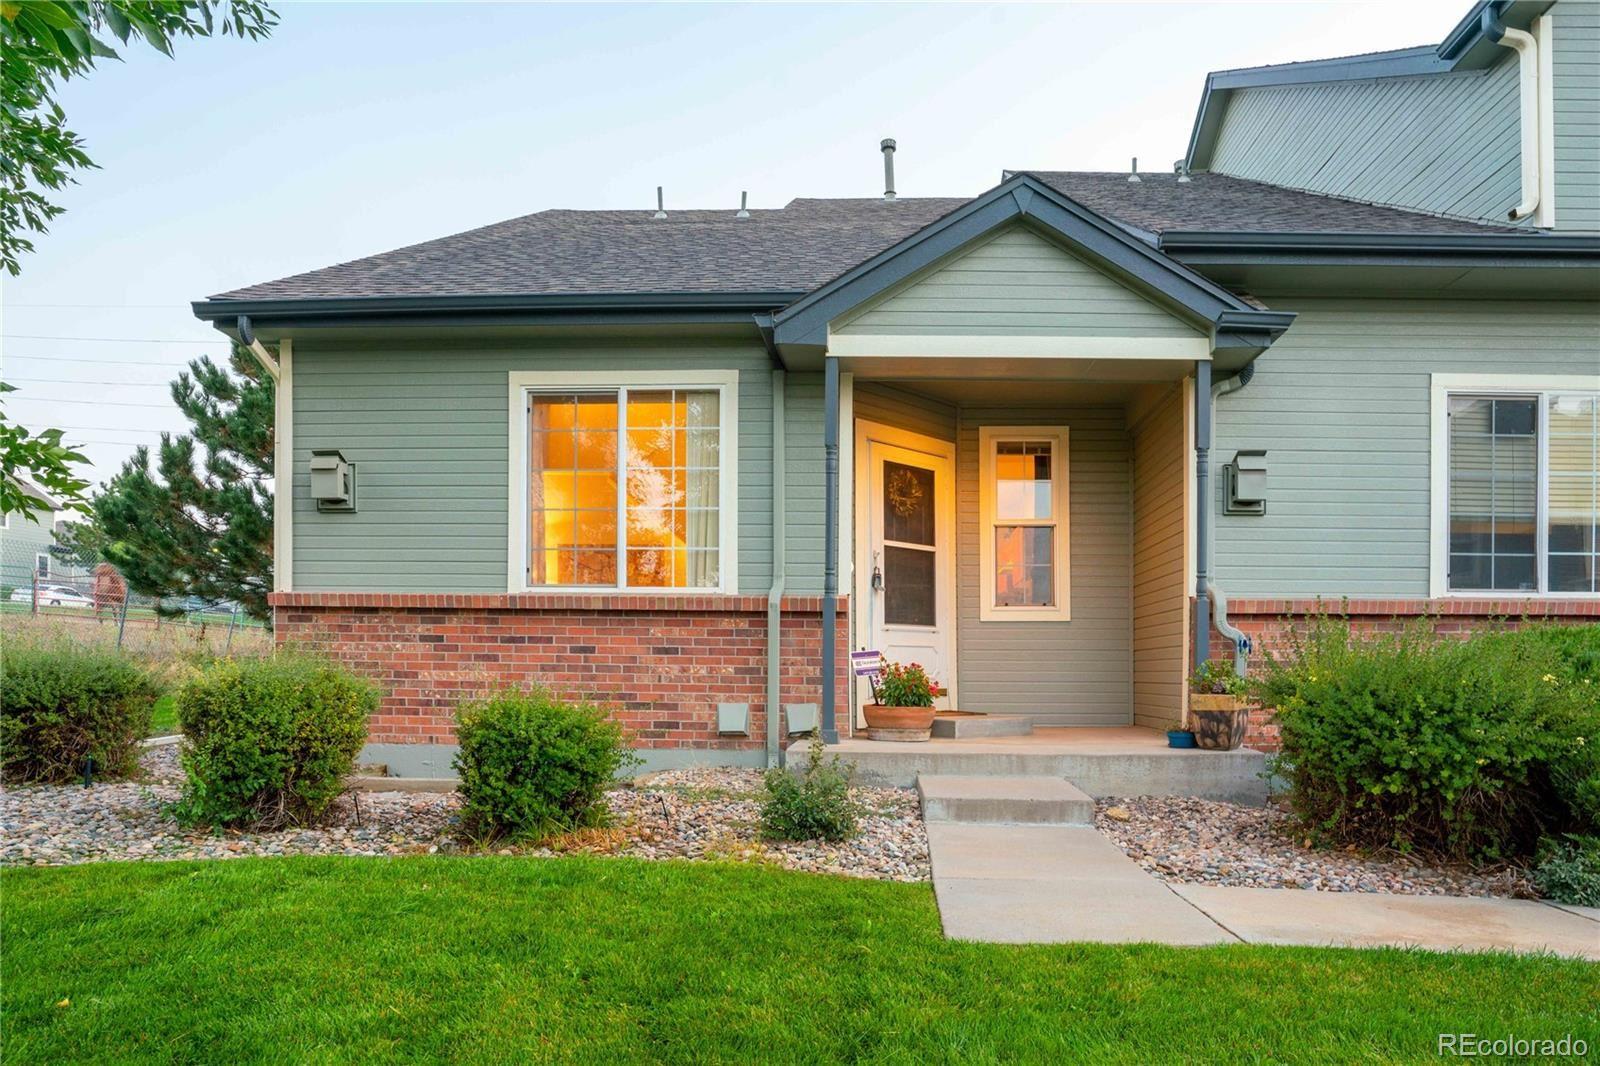 753 S Depew Street, Lakewood, CO 80226 - MLS#: 7321530